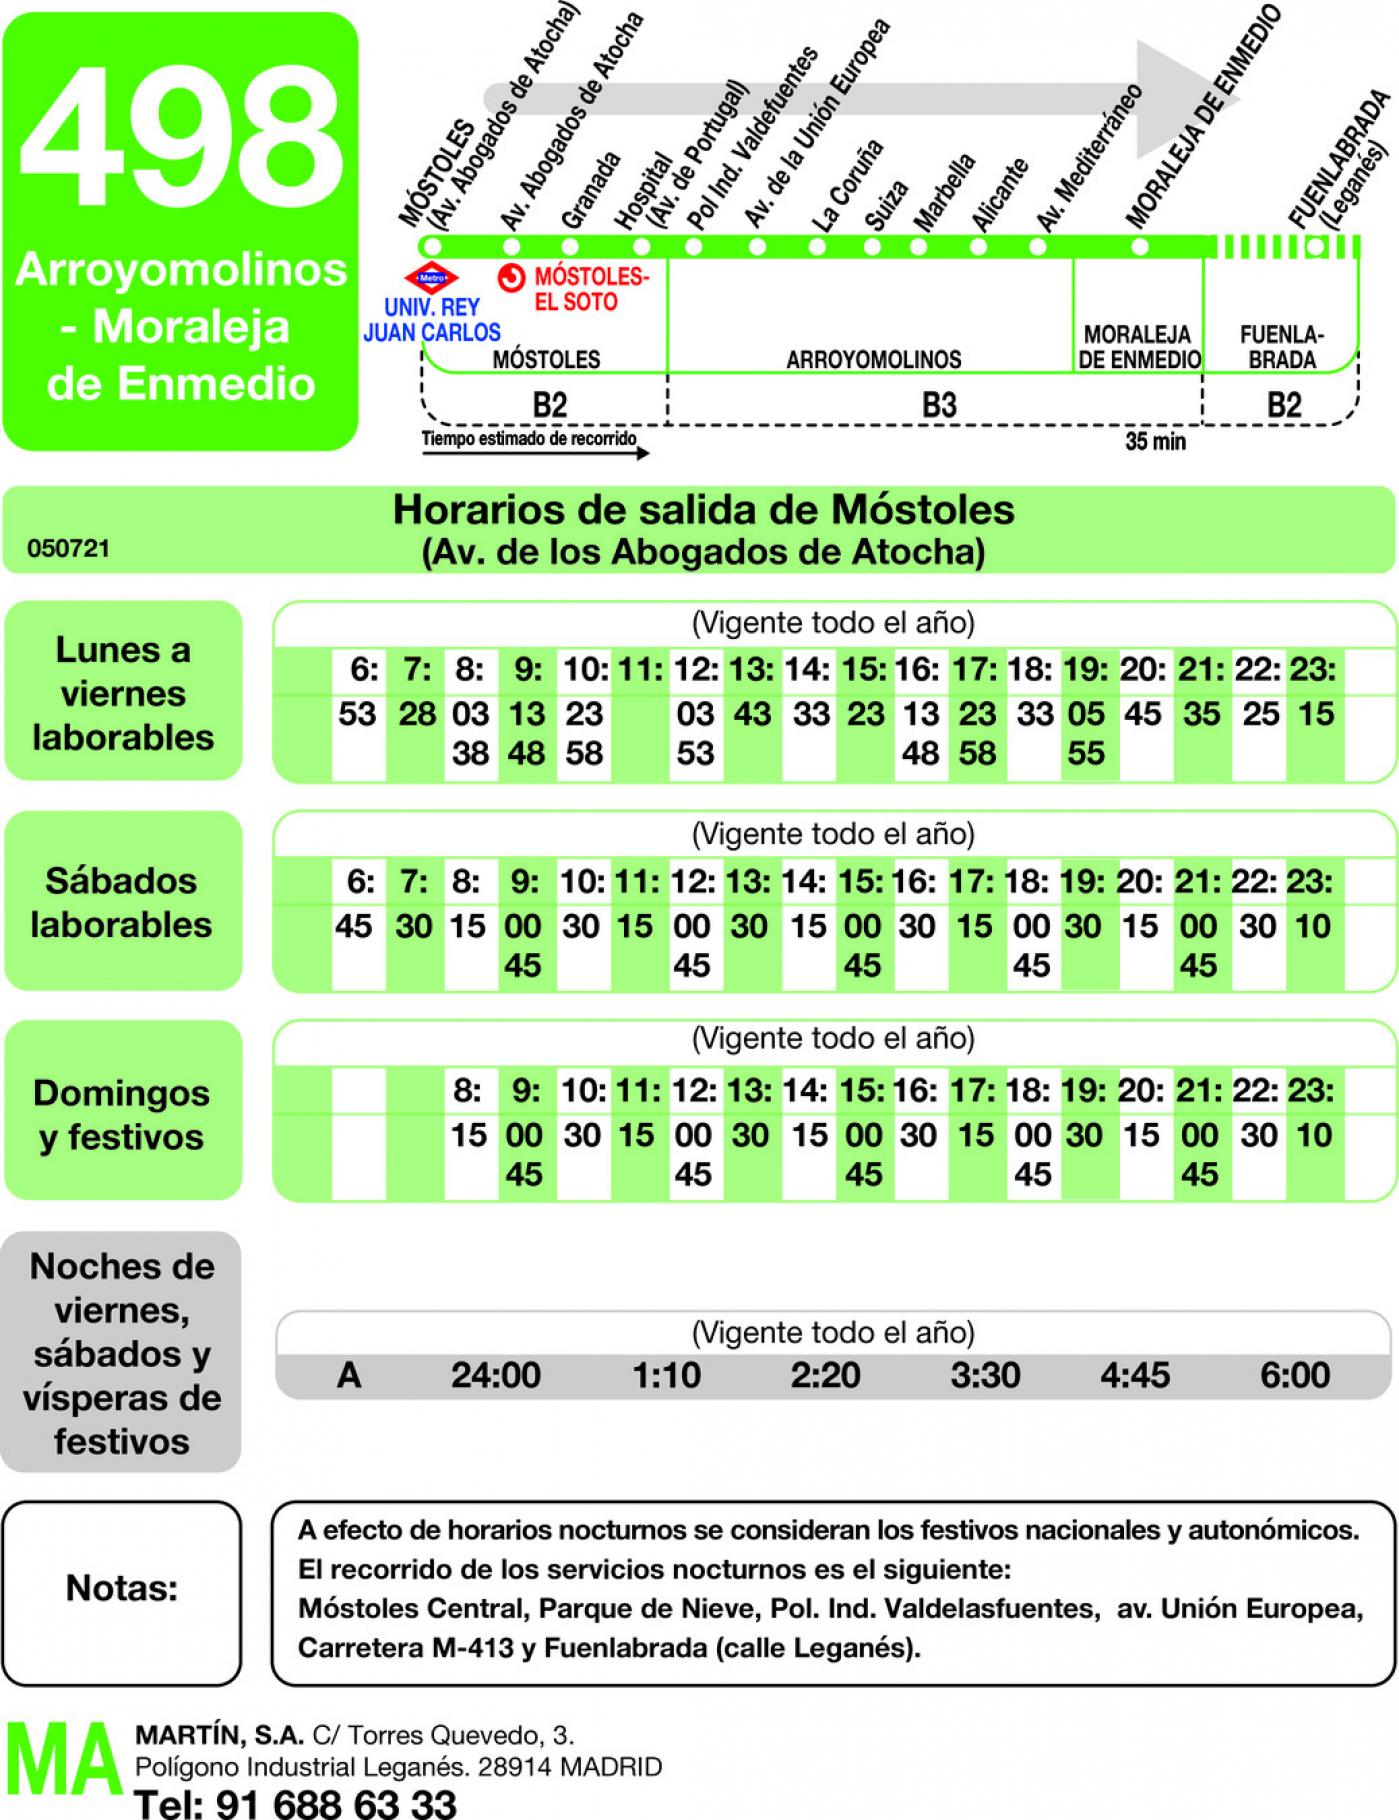 Tabla de horarios y frecuencias de paso en sentido ida Línea 498: Móstoles - Arroyomolinos - Moraleja de Enmedio - Fuenlabrada (Hospital)